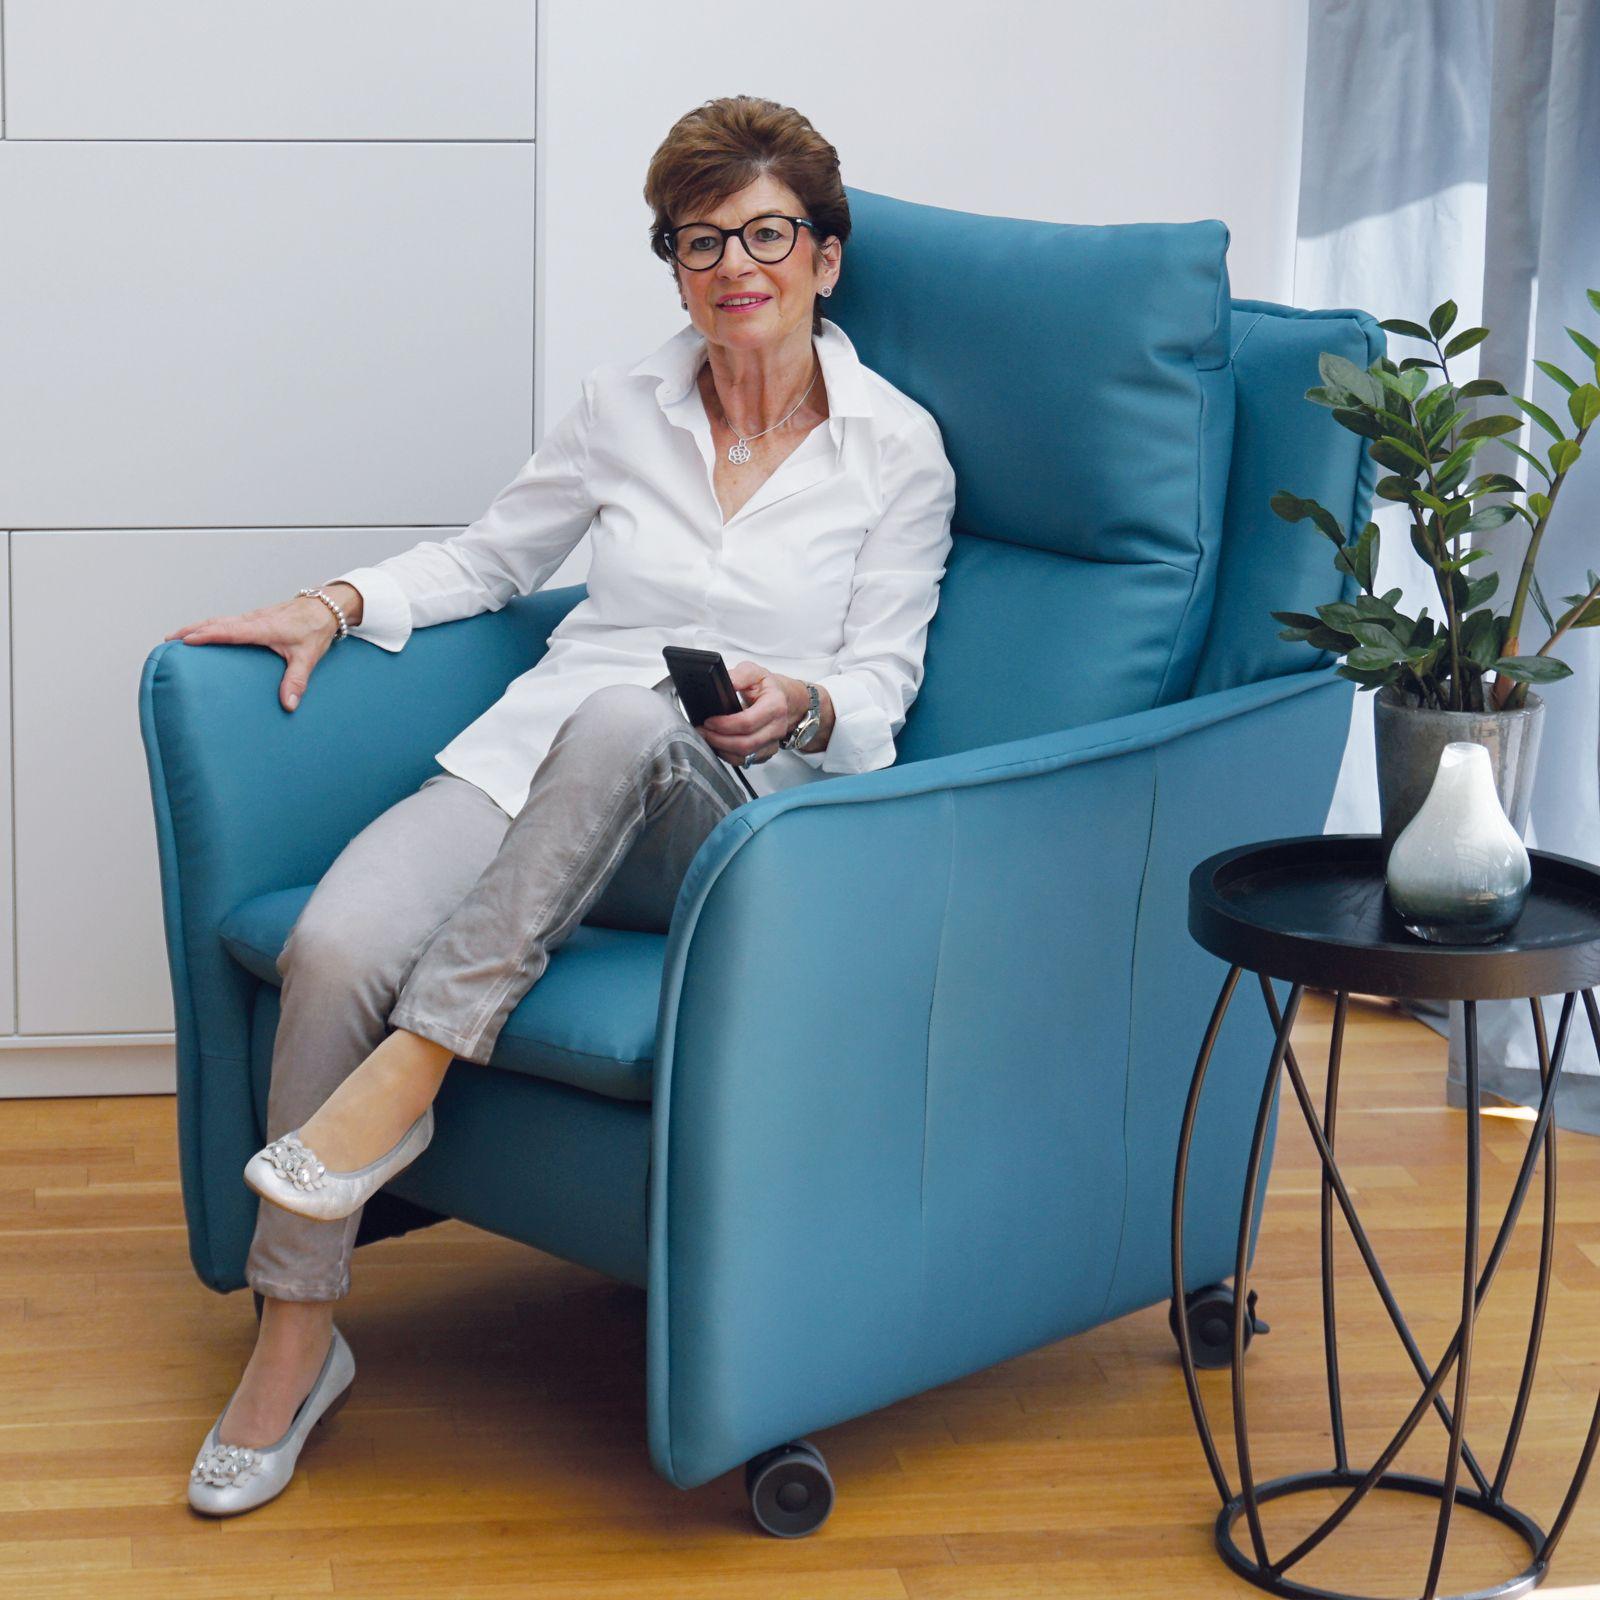 Hochwertiger Relaxsessel Fur Junggebliebene Senioren Relaxsessel Relaxen Sessel